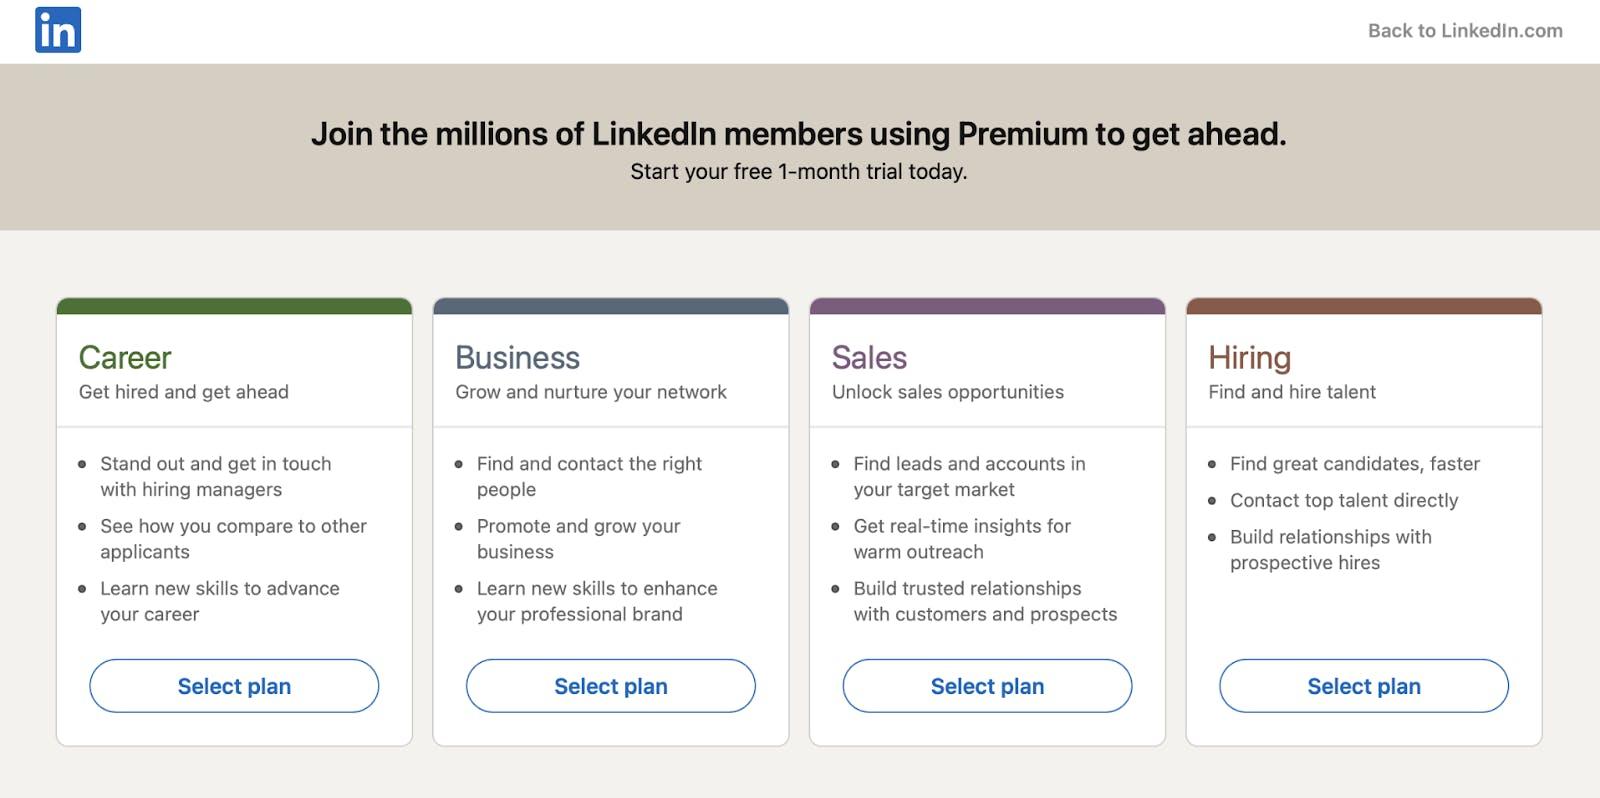 LinkedIn premium package choose options